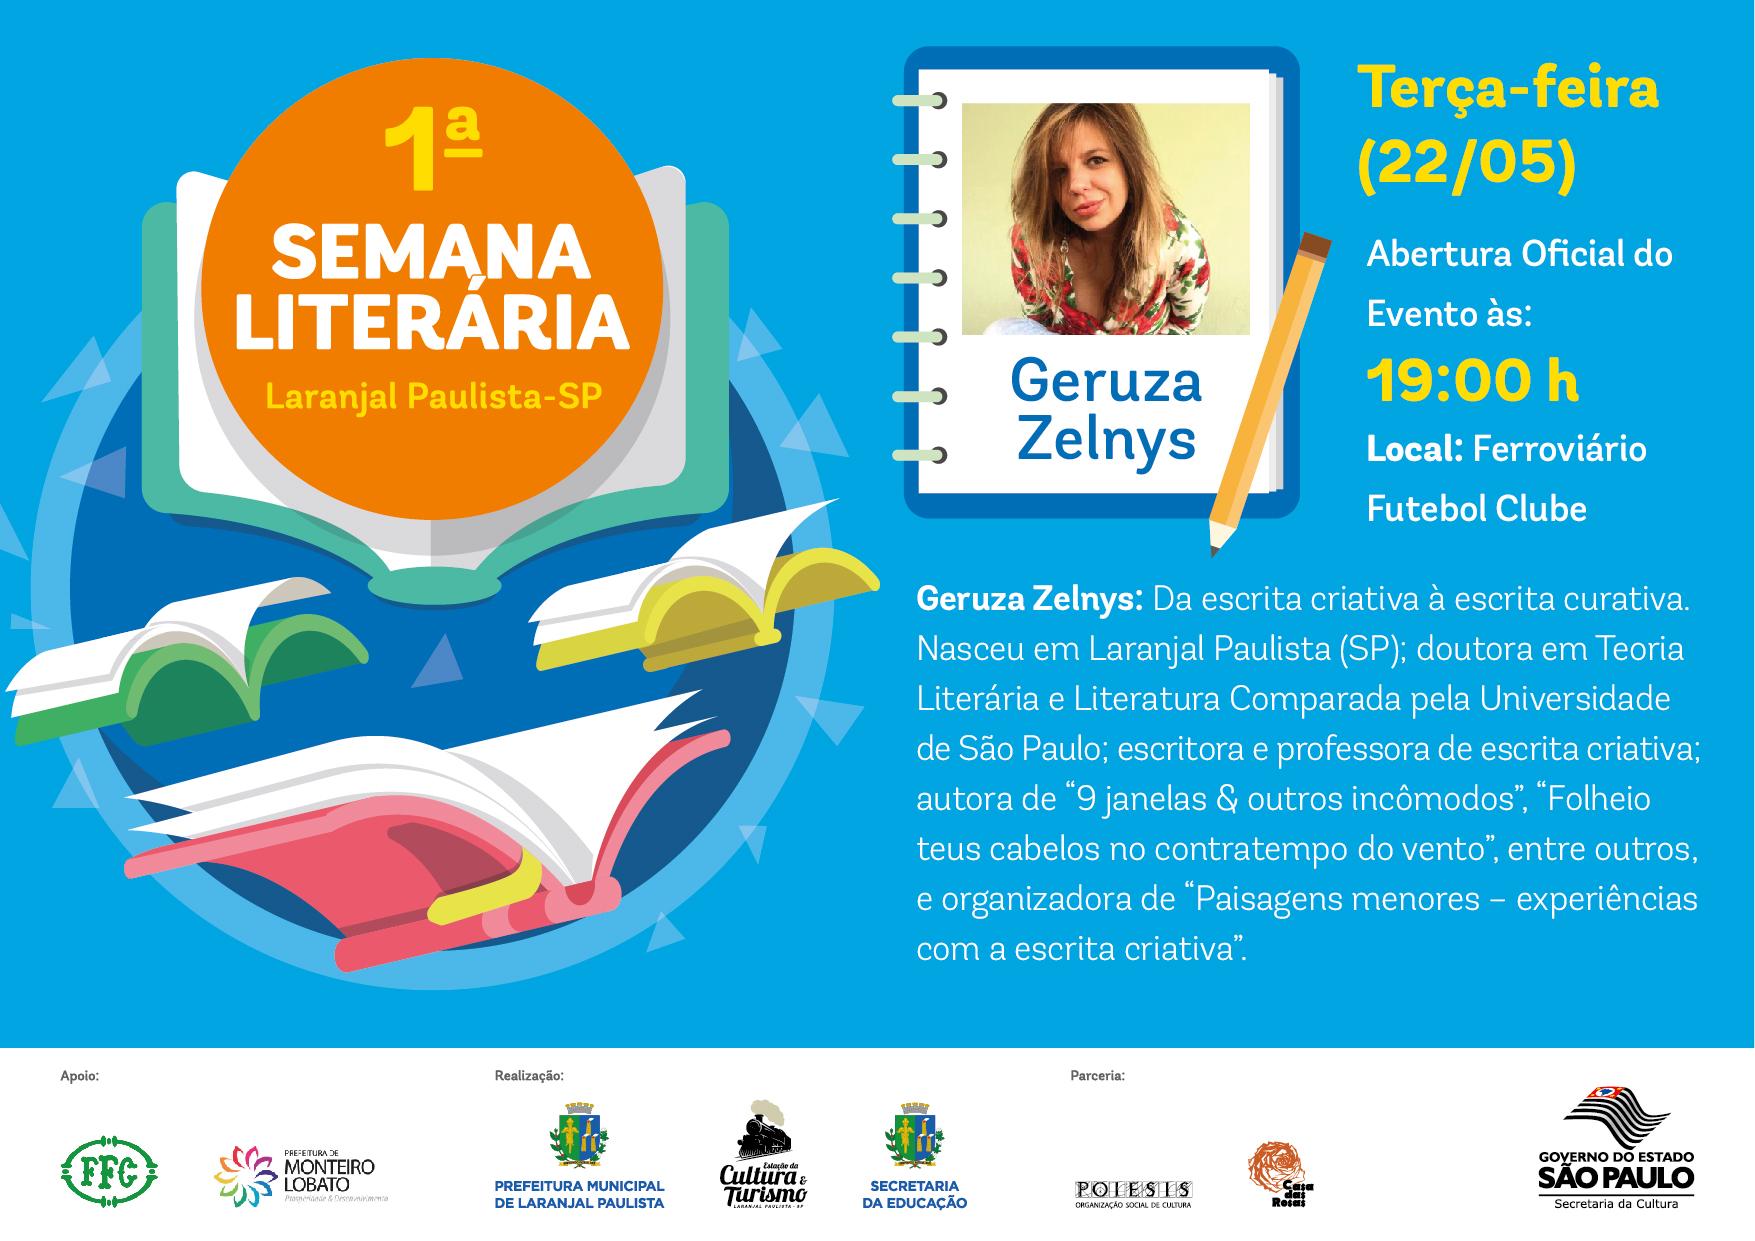 Preparativos para 1ª Semana Literária de Laranjal Paulista